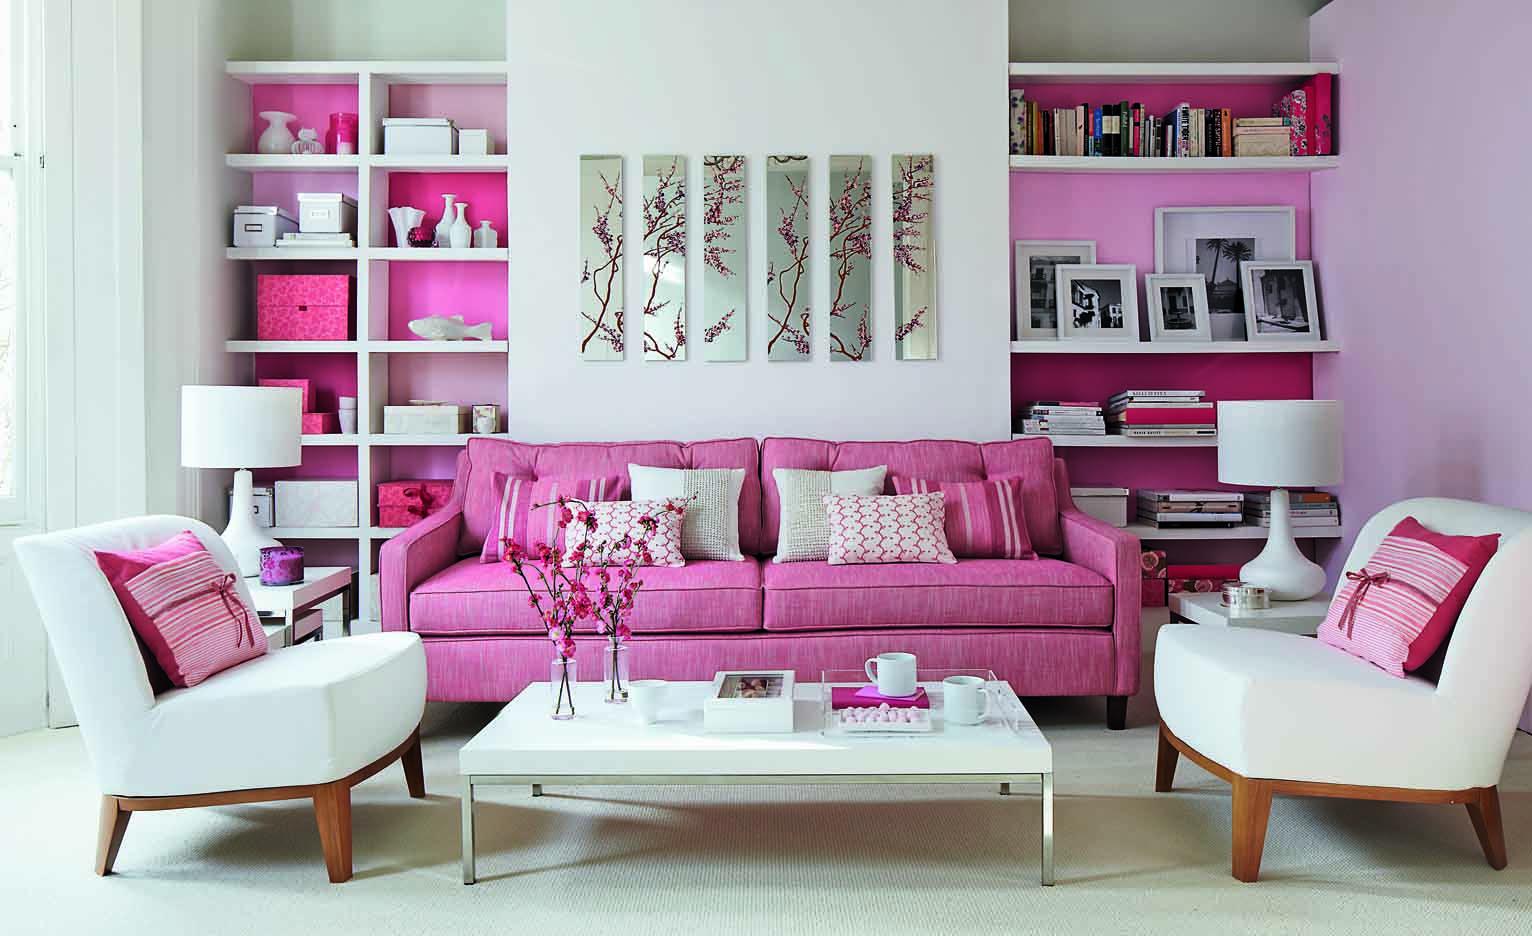 pink-living-room.jpg